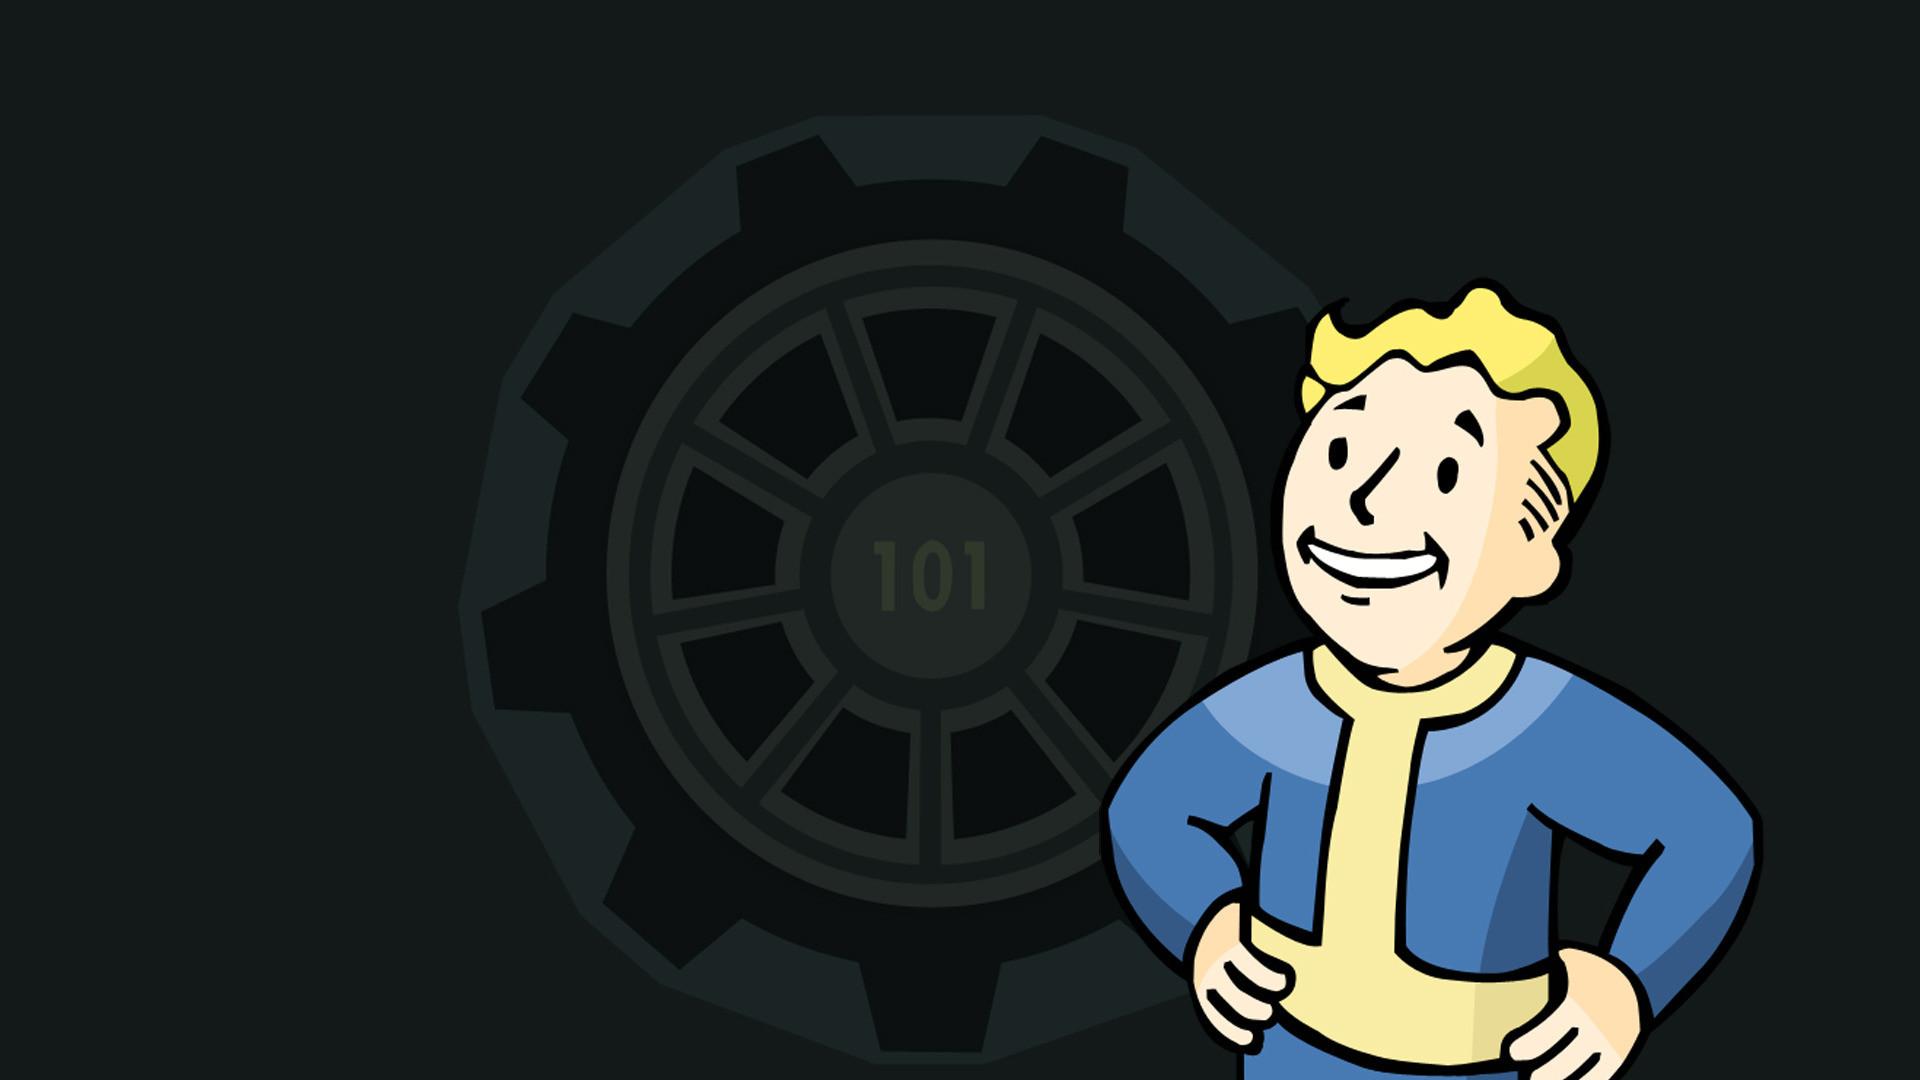 Vault Boy – Fallout wallpaper #5580